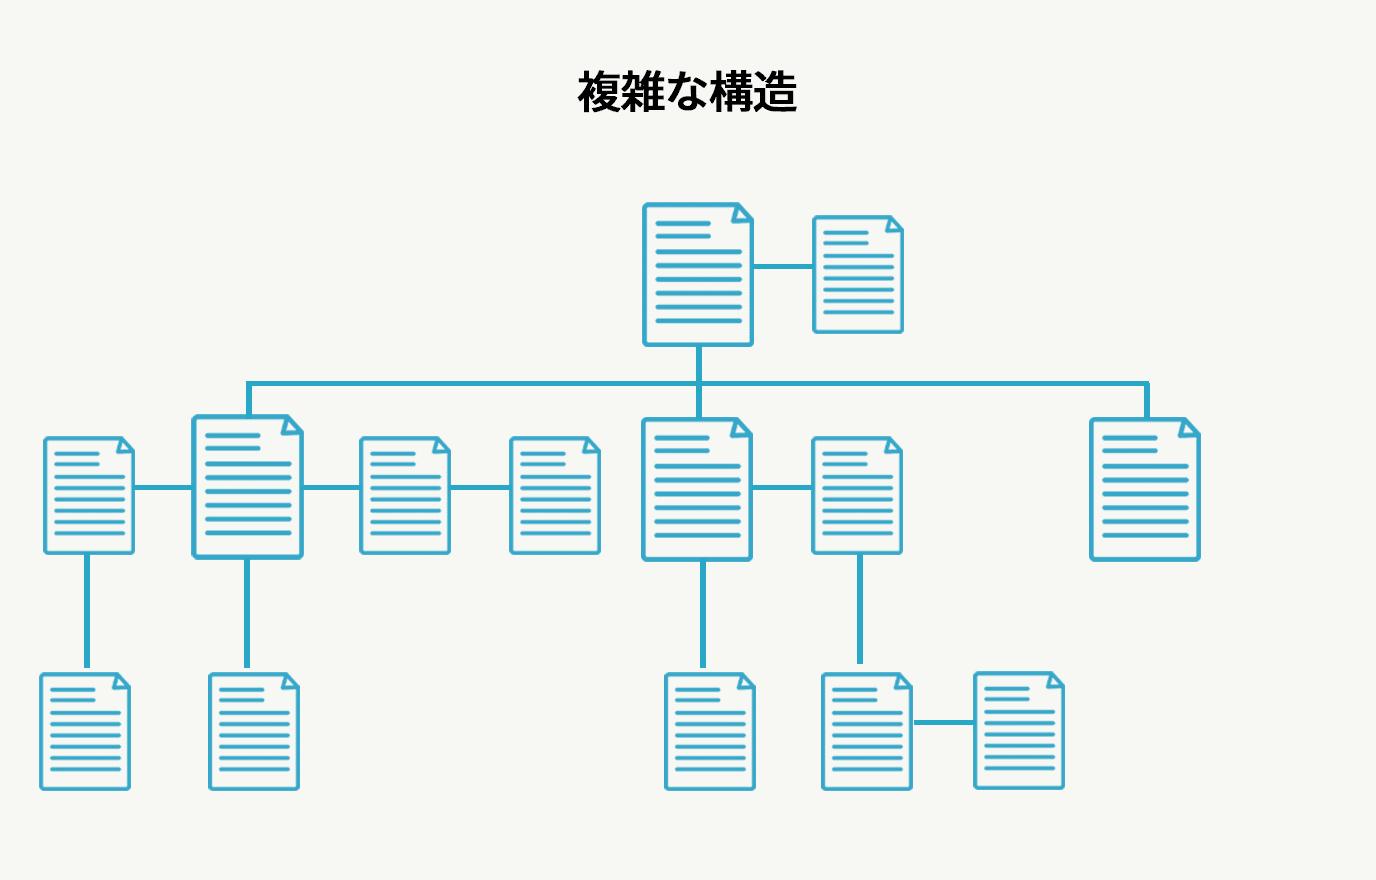 ホームページの複雑な階層構造